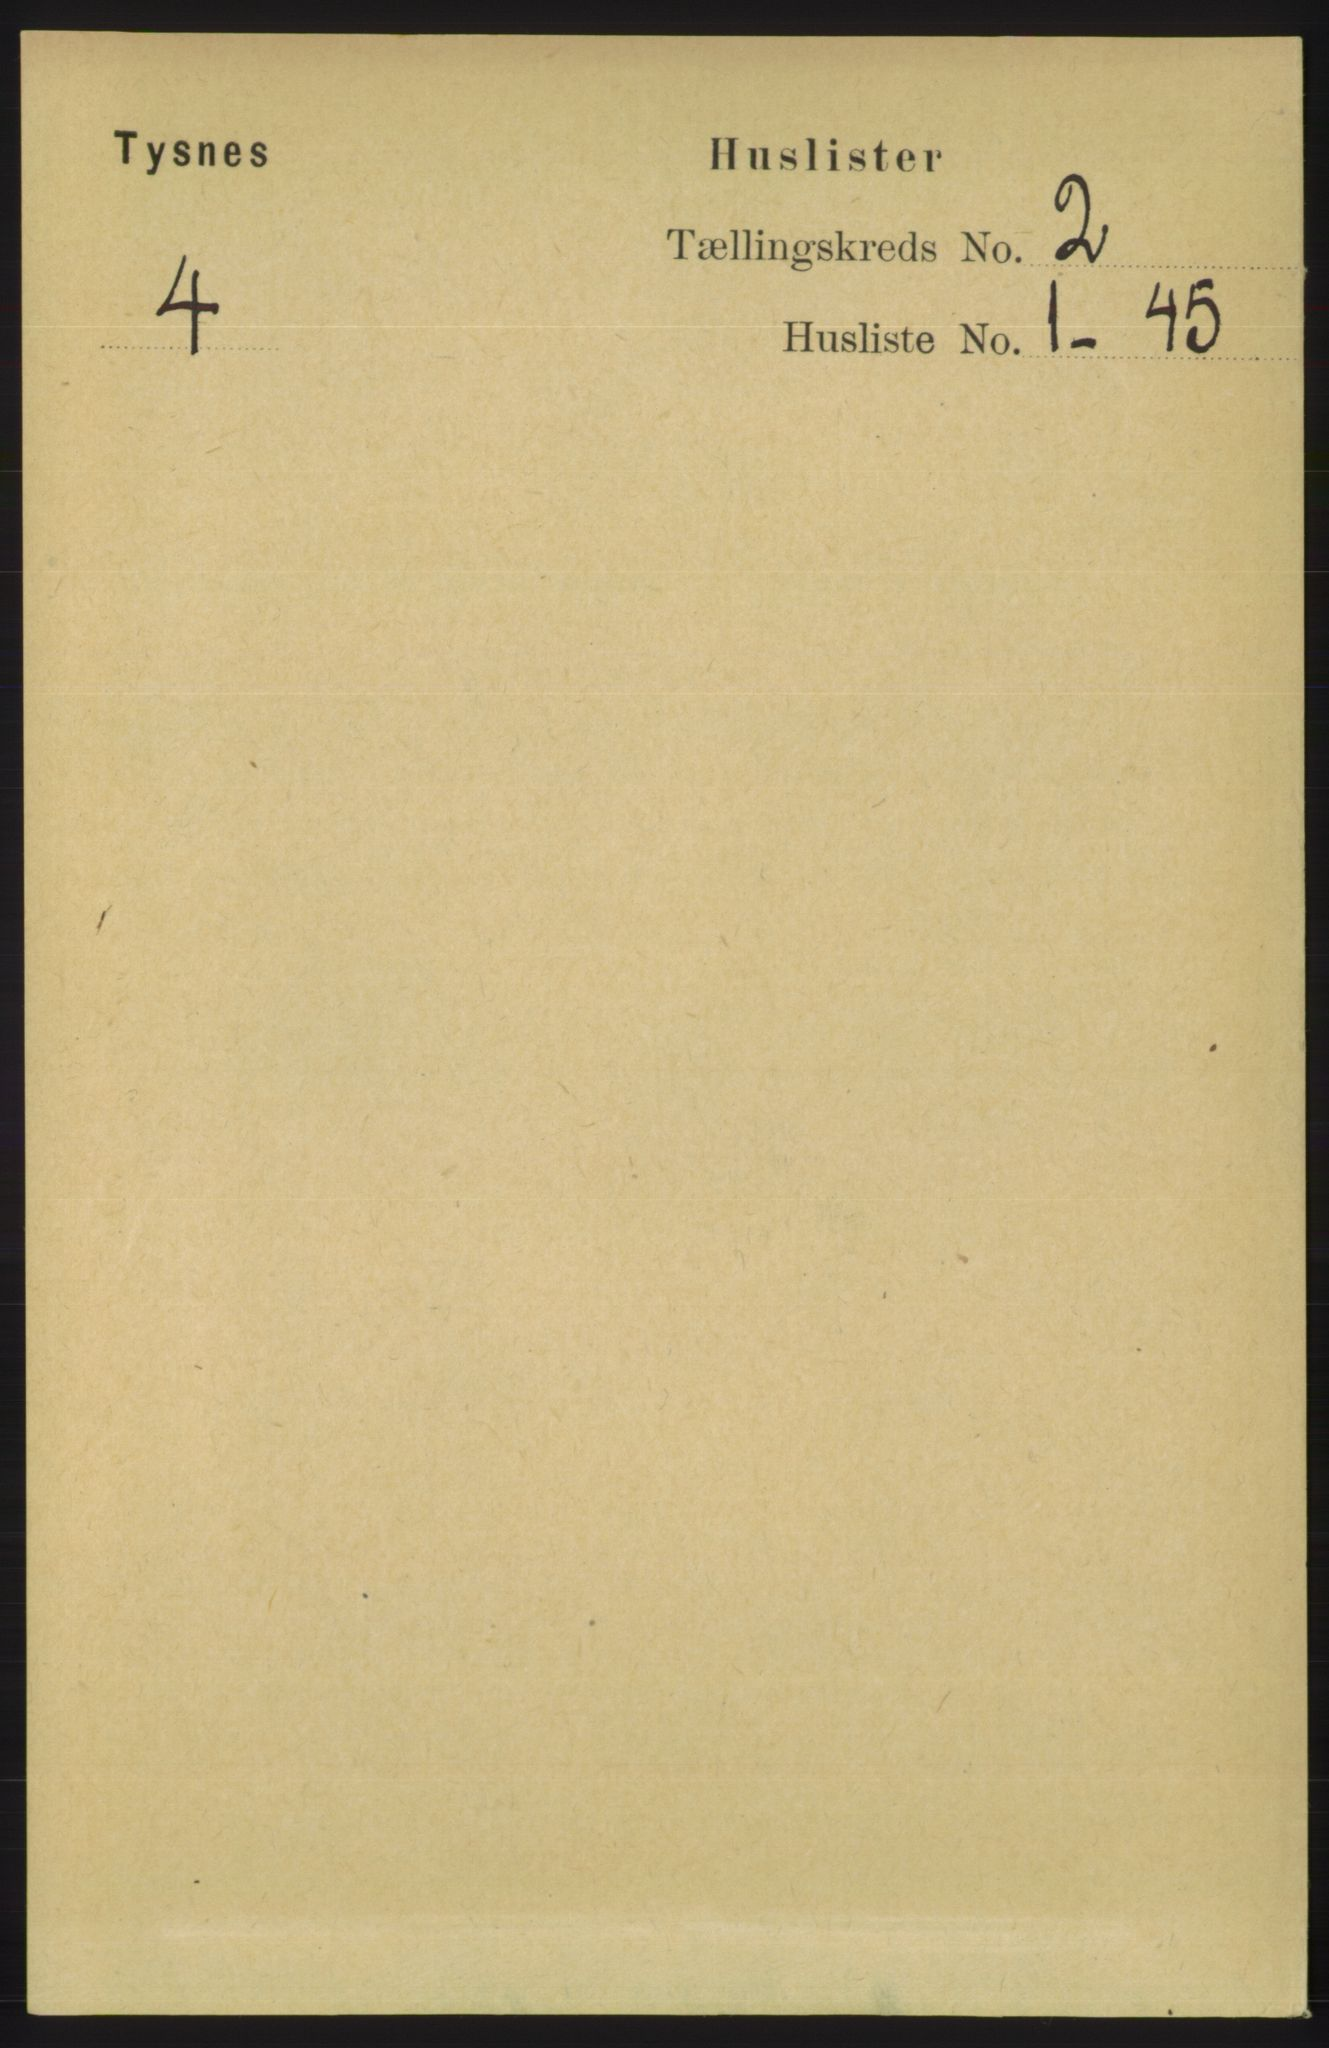 RA, Folketelling 1891 for 1223 Tysnes herred, 1891, s. 398